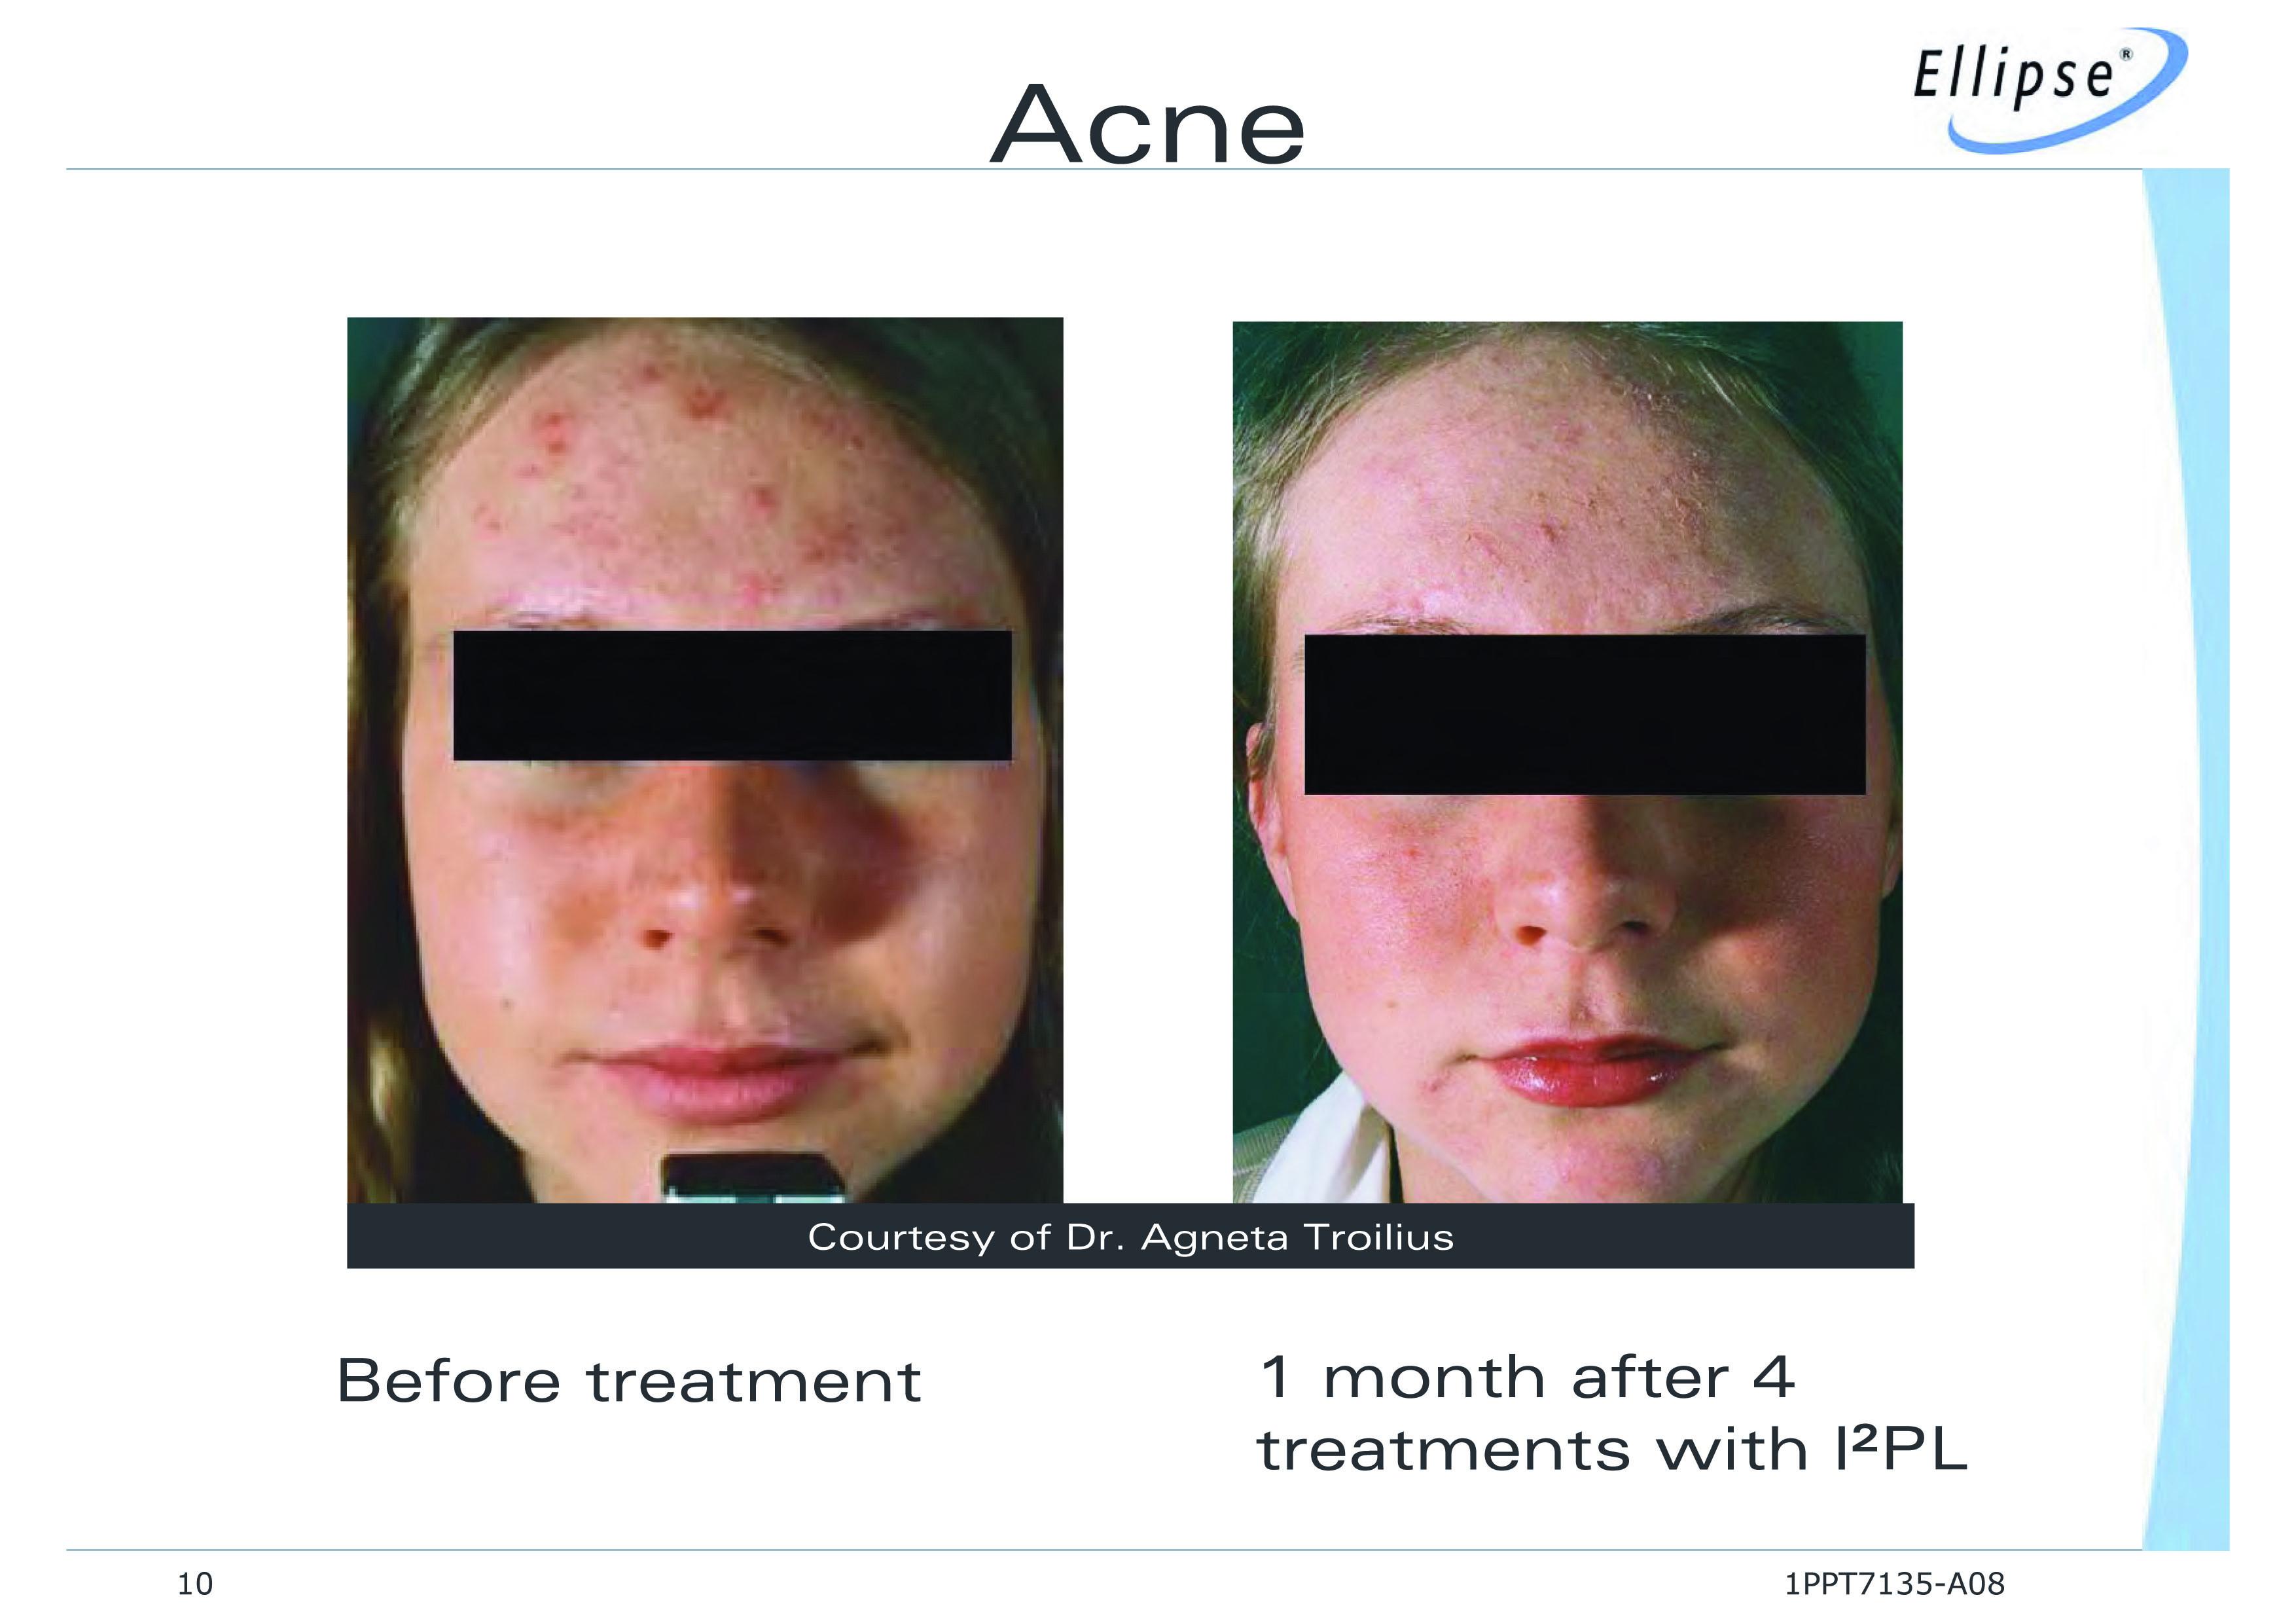 Acne Treatment Using Ellipse I2pl